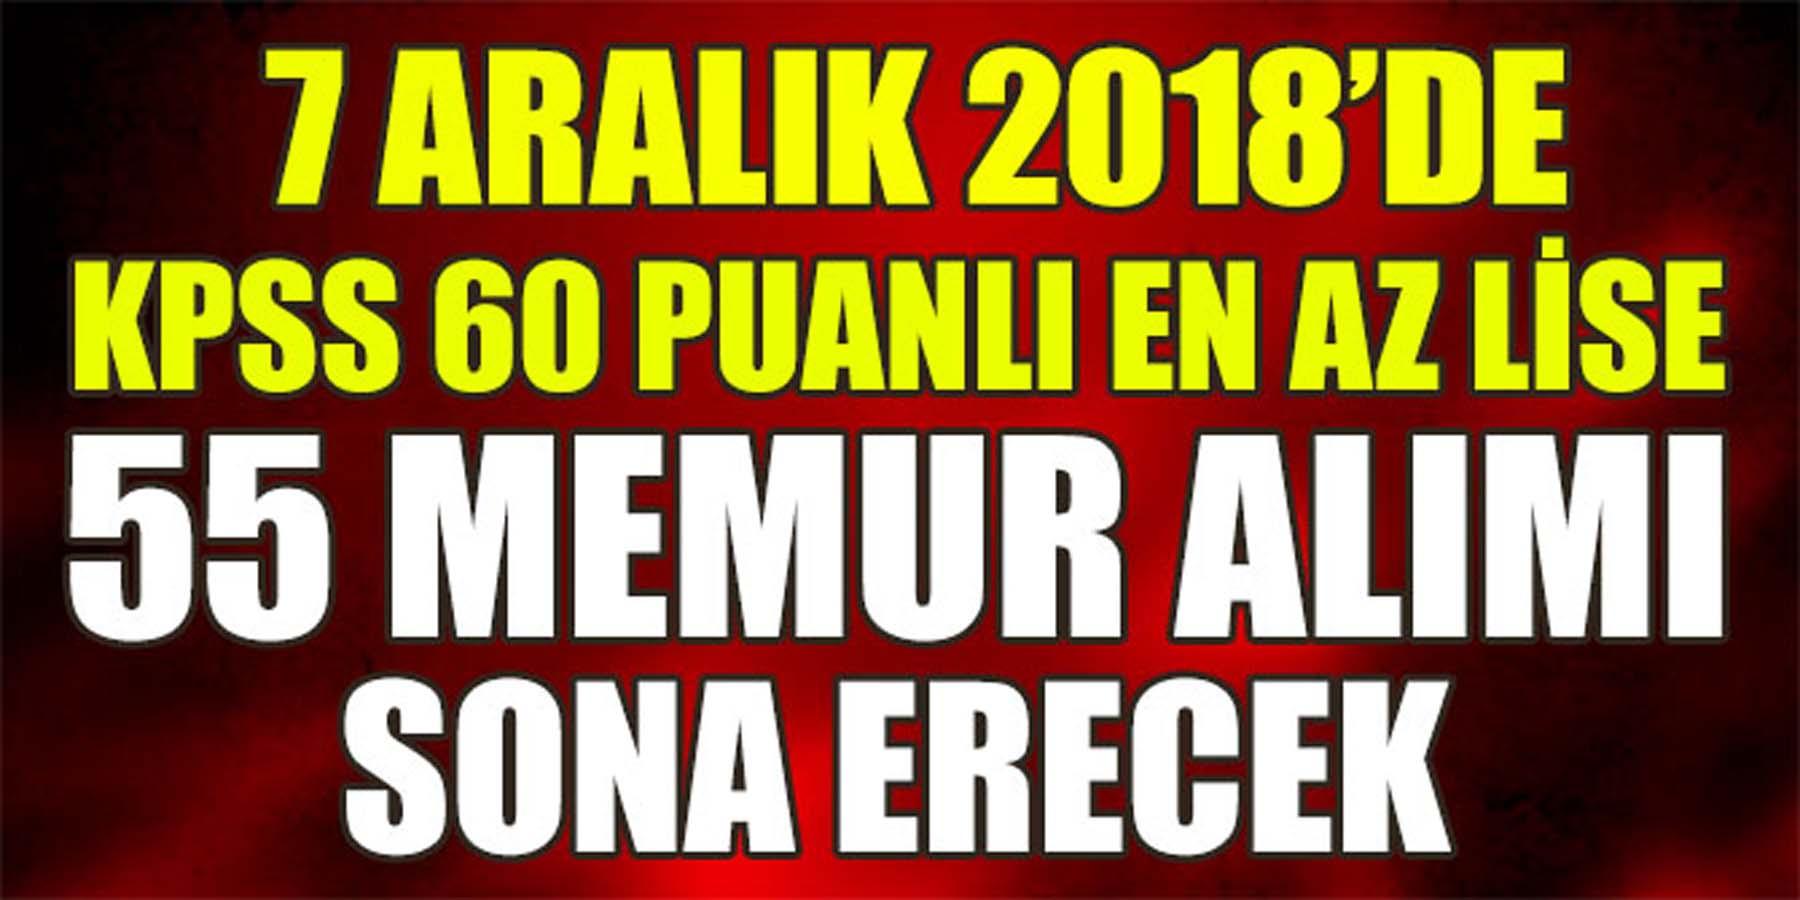 7 Aralık 2018'de KPSS 60 Puanlı 55 Memur Alımı Sona Erecek